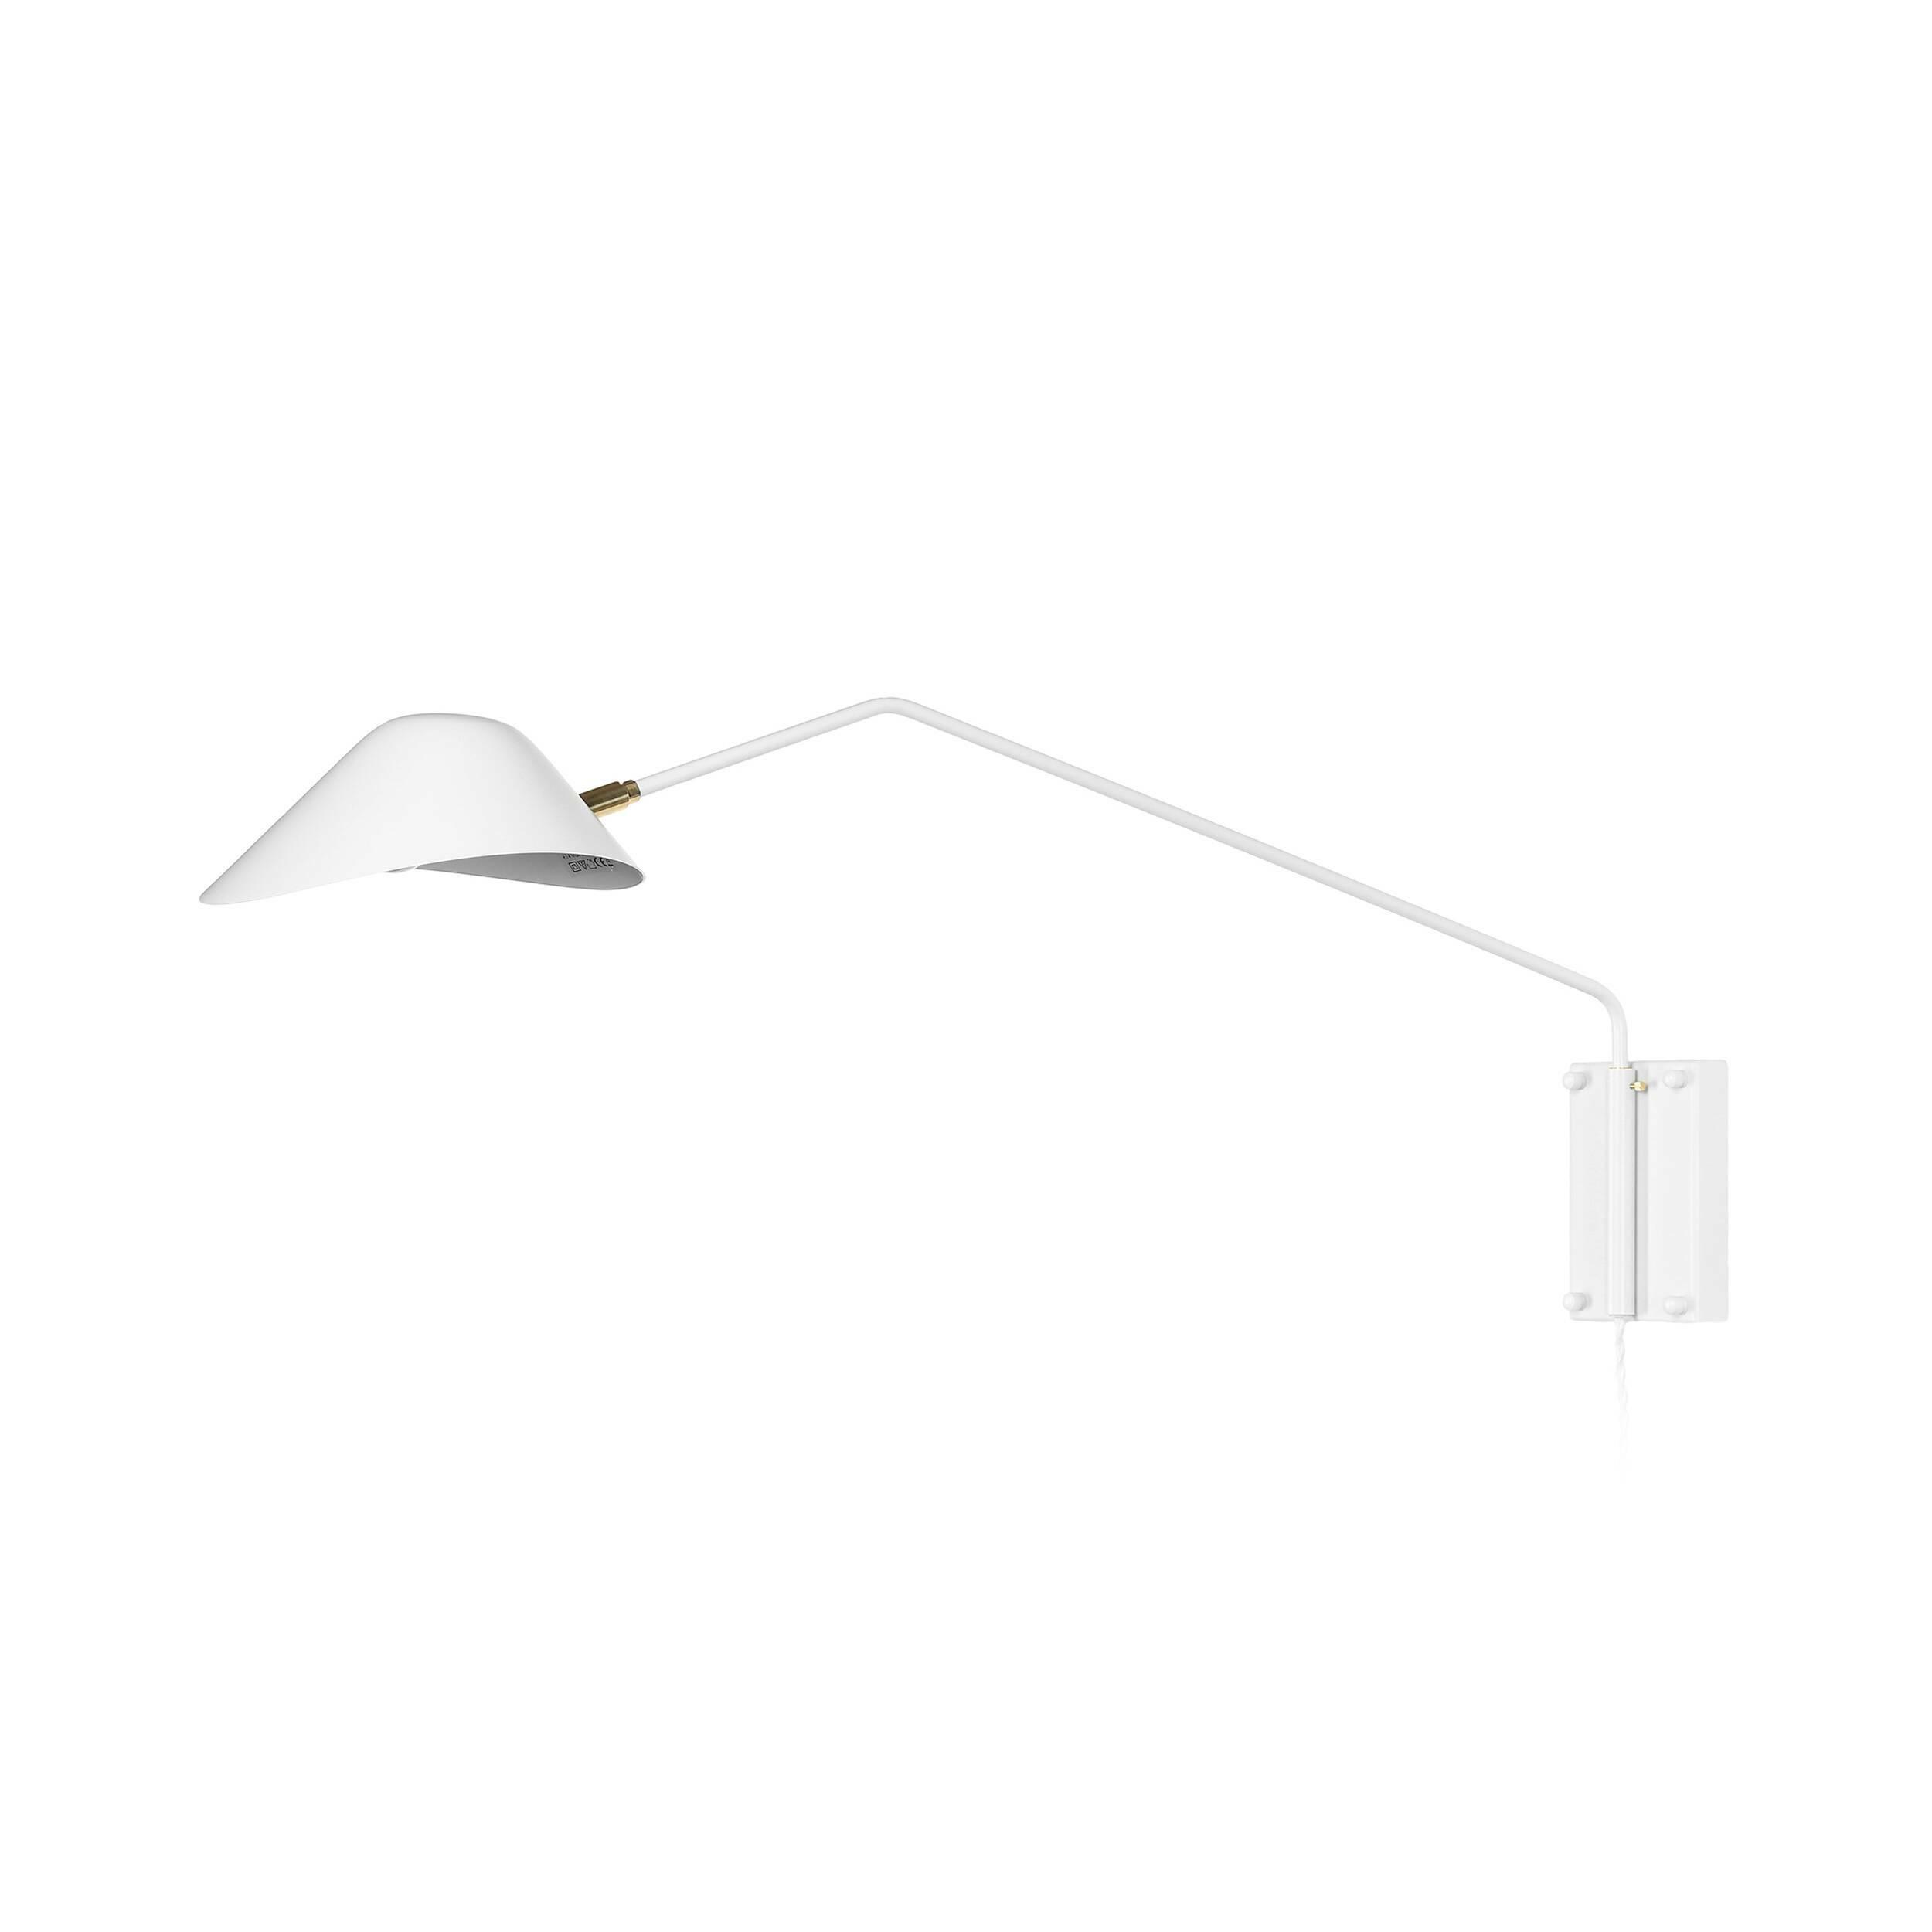 Настенный светильник Cosmo 14770602 от Cosmorelax